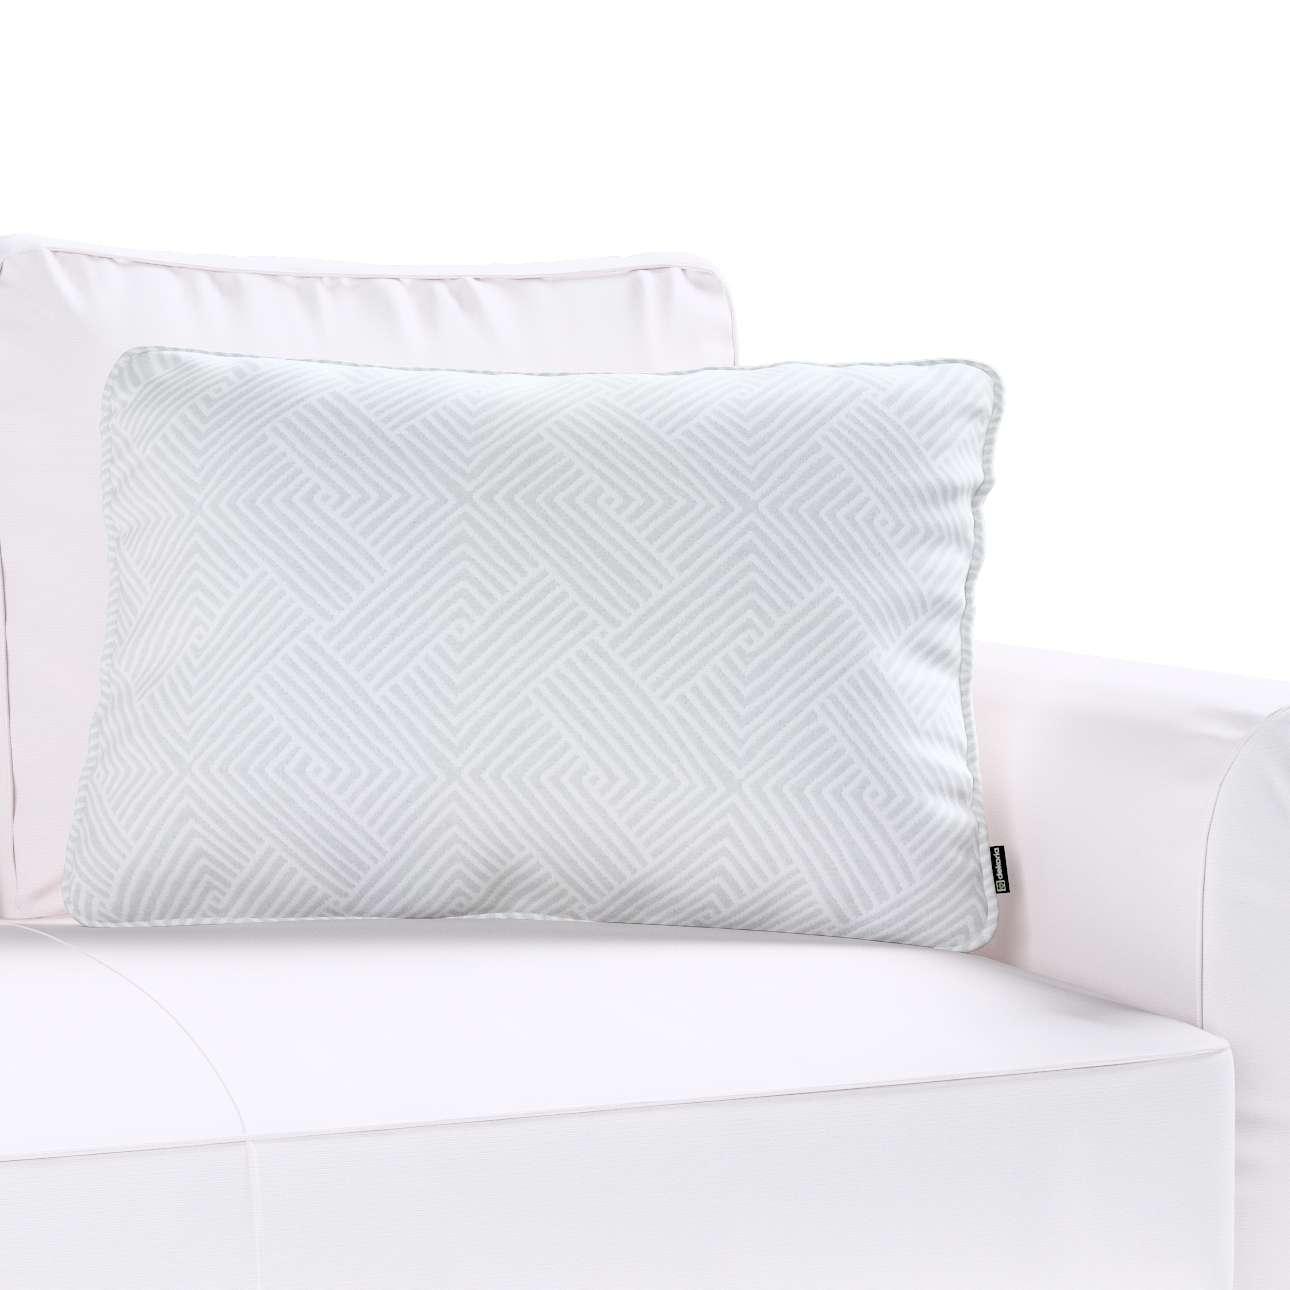 Poszewka Gabi na poduszkę prostokątna w kolekcji Sunny, tkanina: 143-43